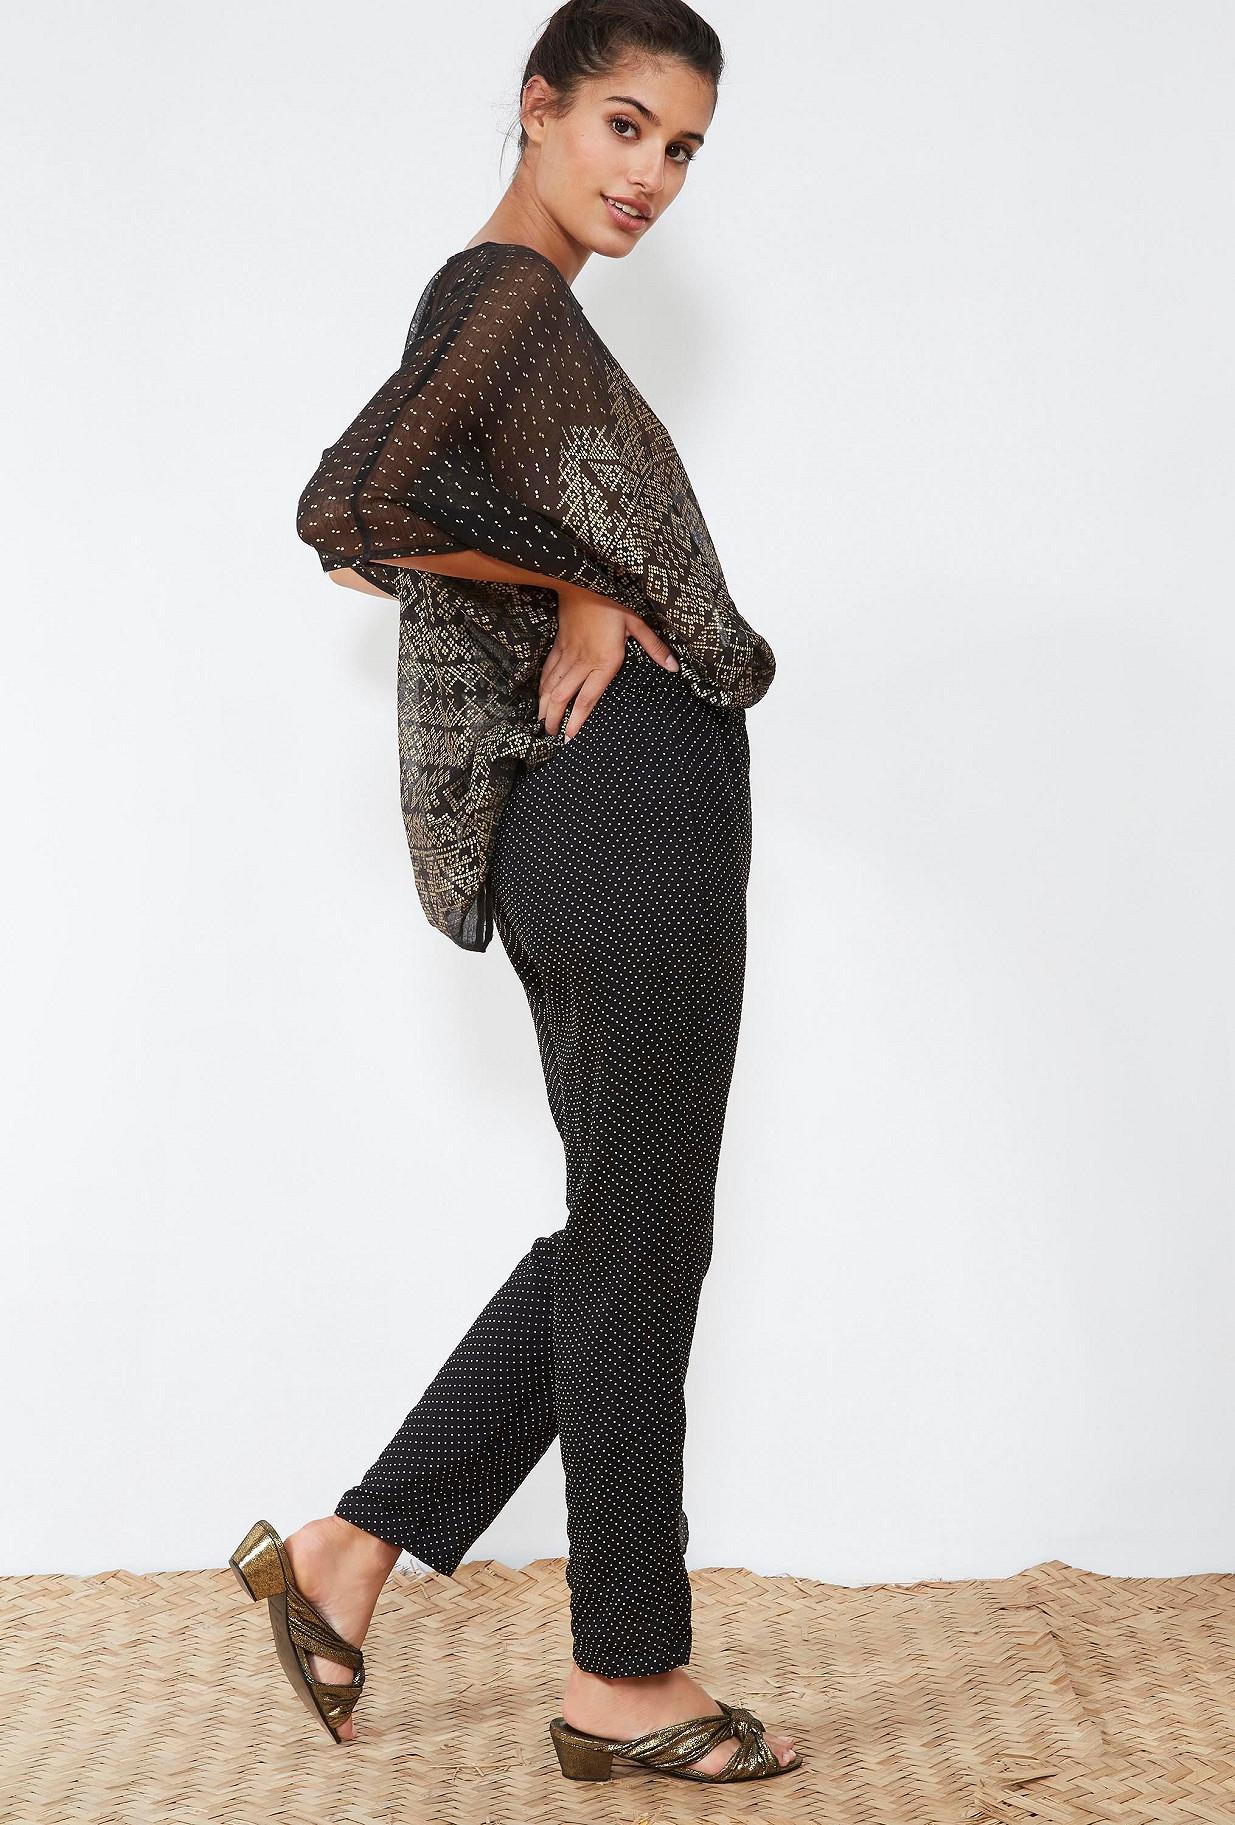 PANTS  Auriga Mes demoiselles fashion clothes designer Paris